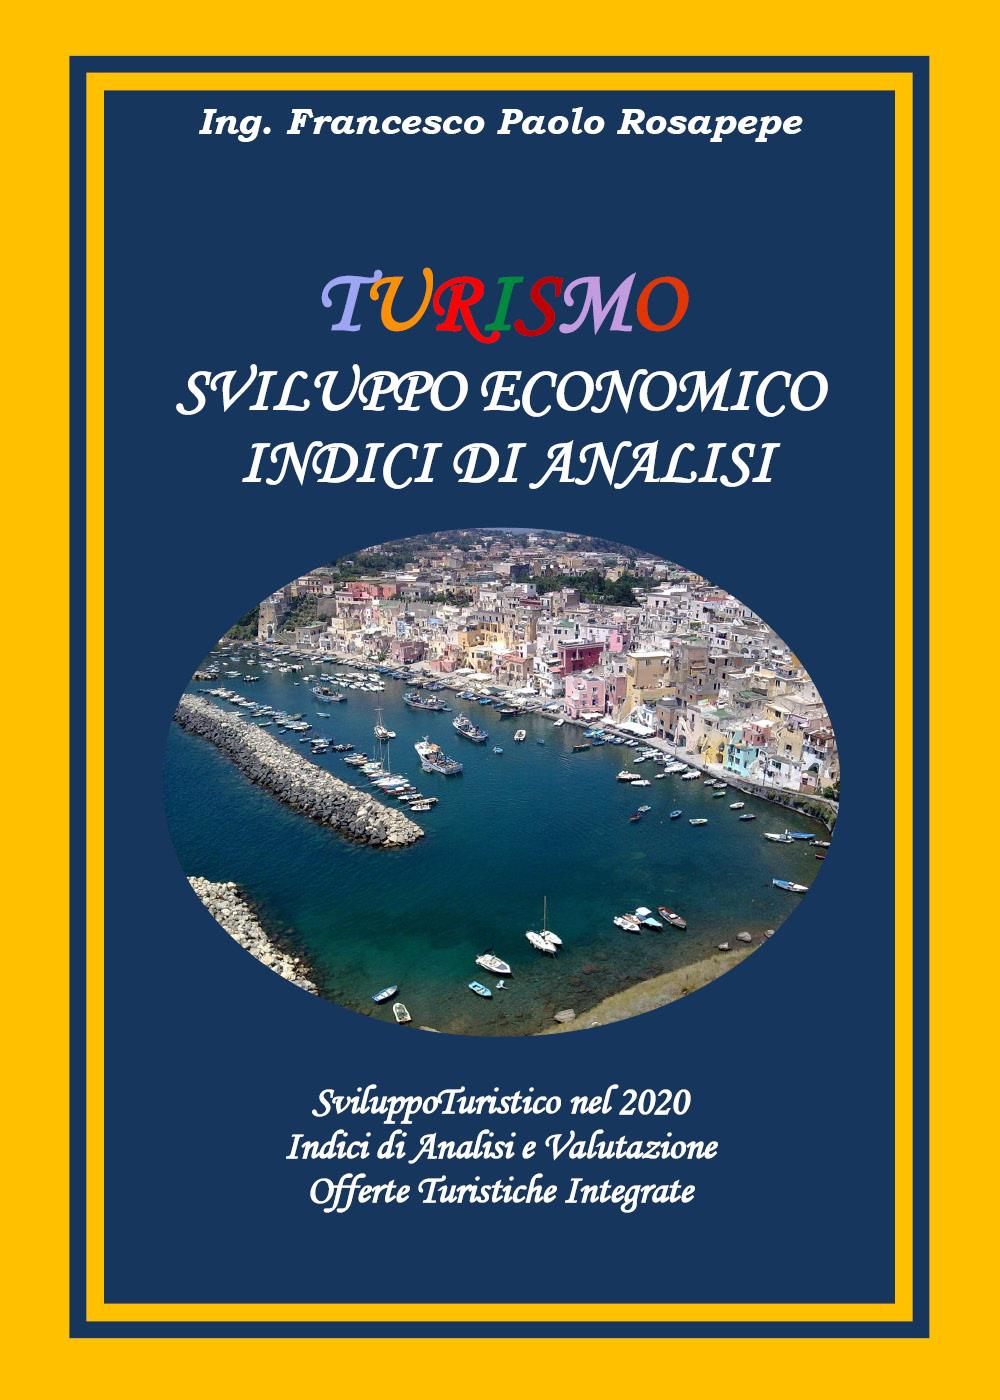 Turismo sviluppo economico indici di analisi